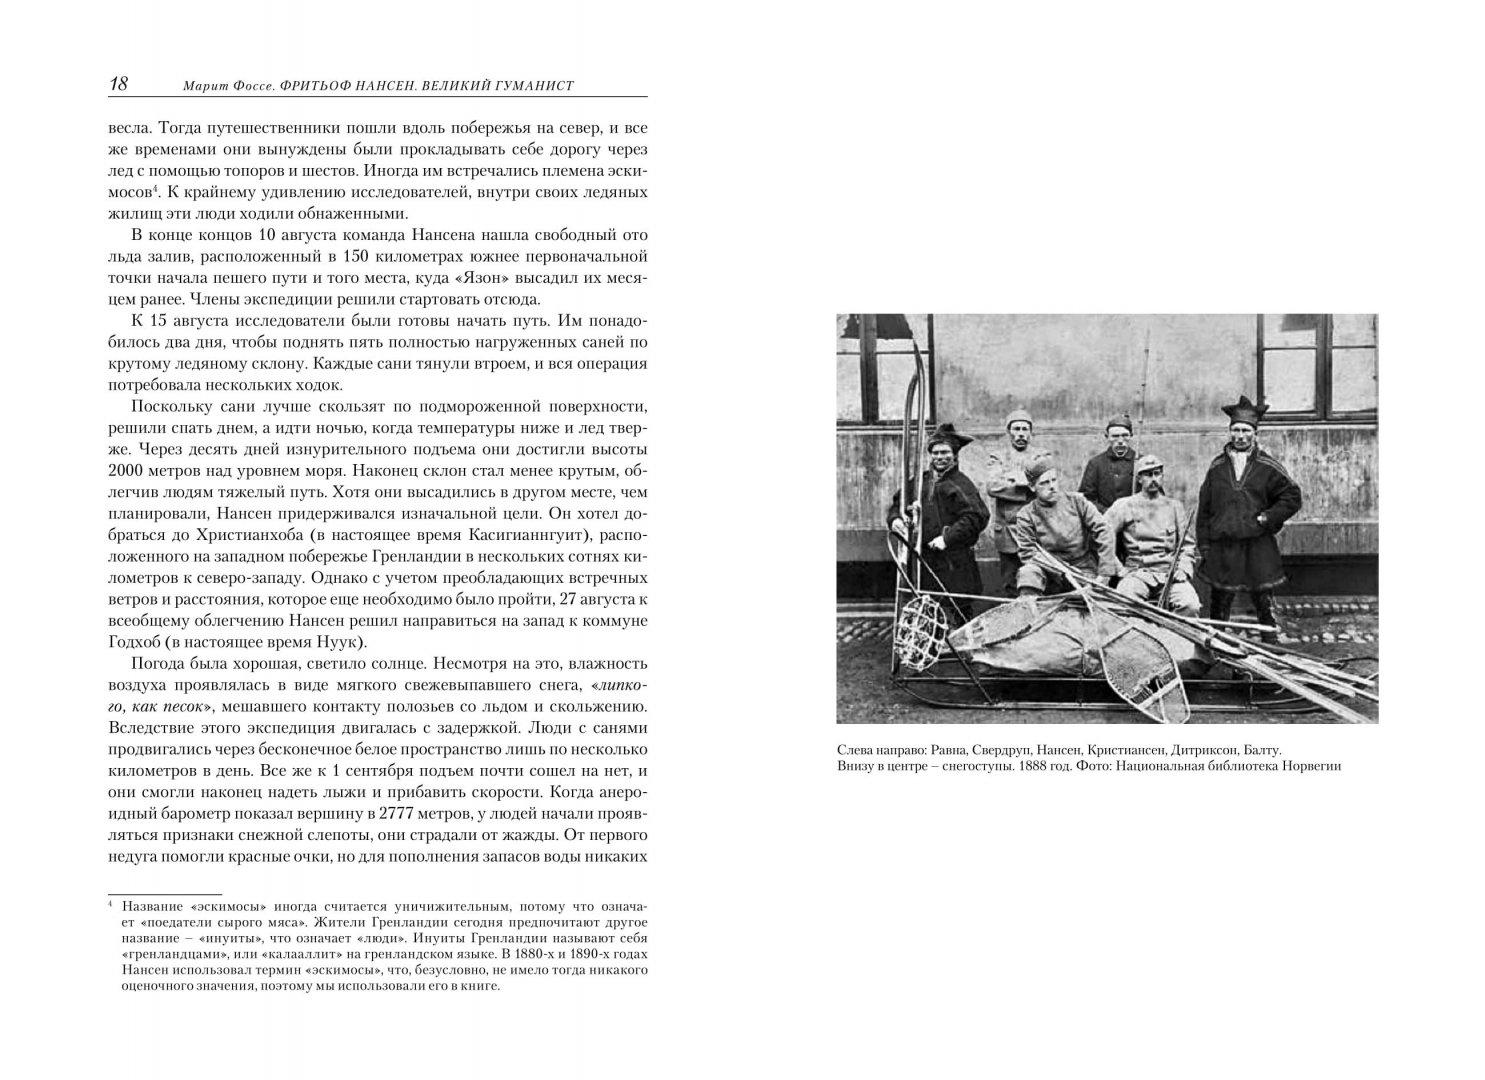 Иллюстрация 1 из 9 для Фритьоф Нансен. Великий гуманист - Марит Фоссе   Лабиринт - книги. Источник: Лабиринт